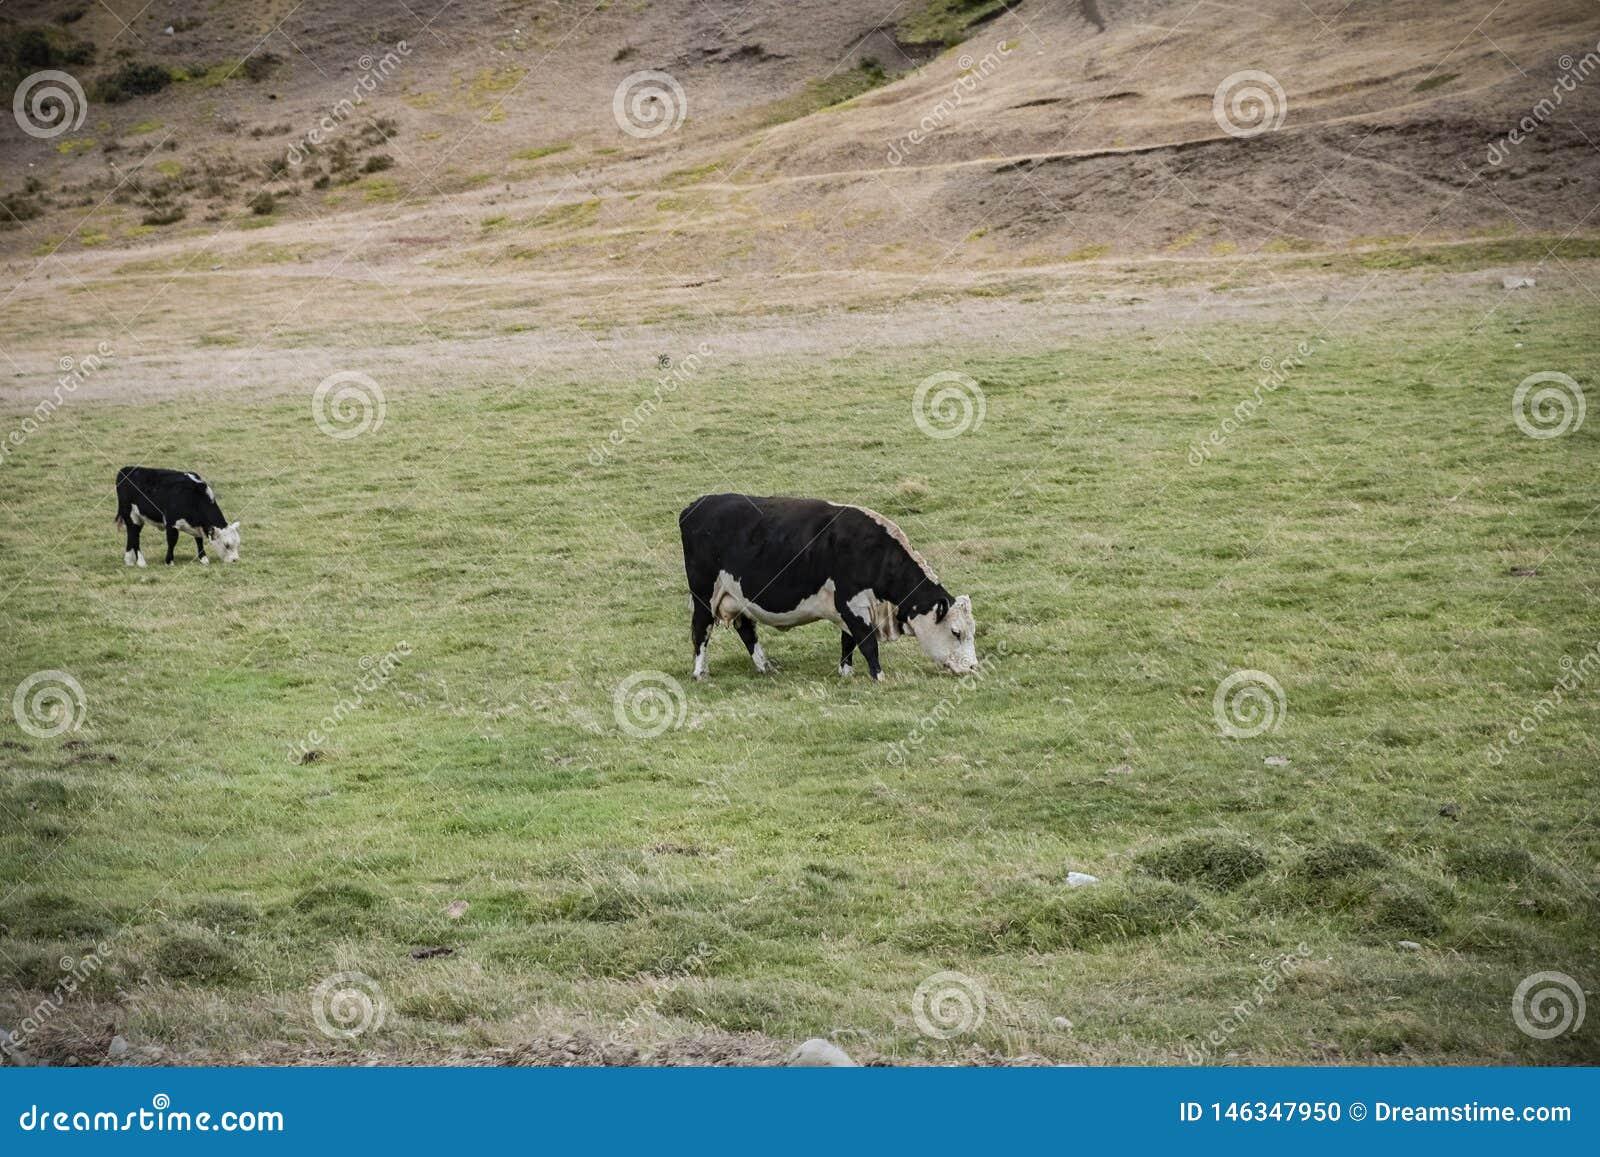 Kuh, die auf einem Bauernhof in der Landschaft weiden lässt